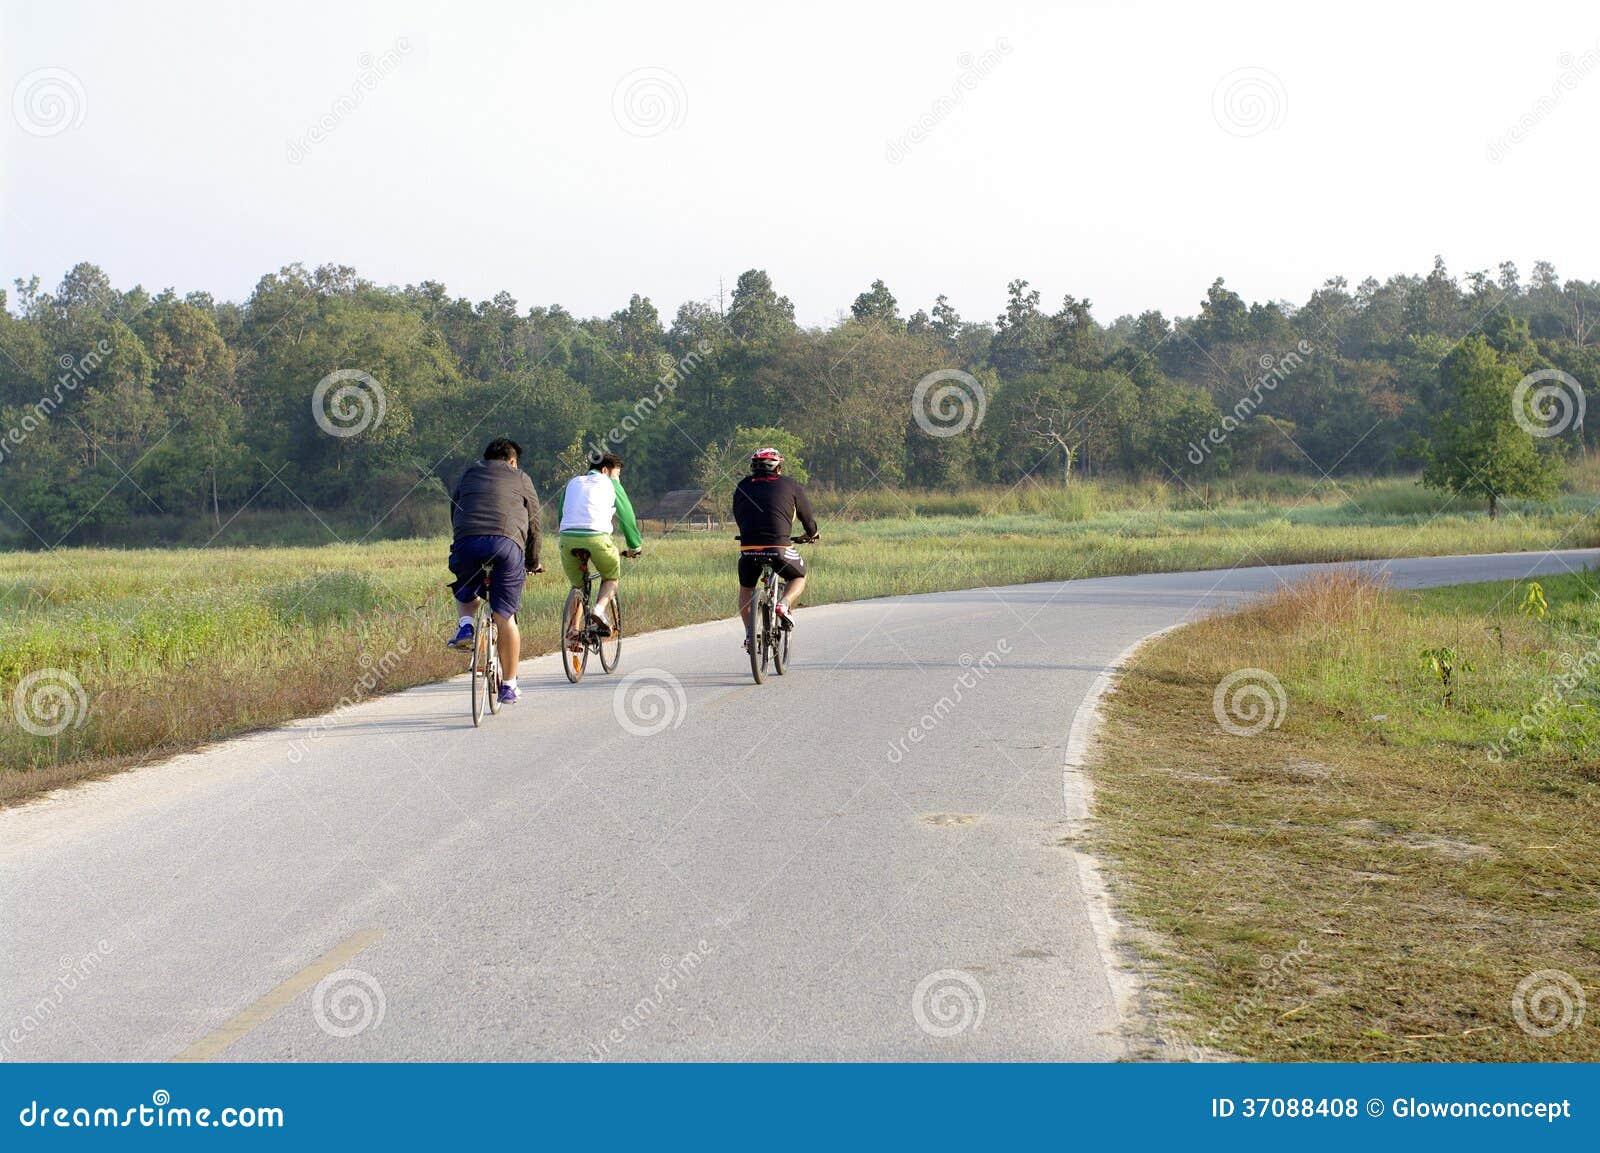 Download Jechać rower na drodze zdjęcie stock editorial. Obraz złożonej z rower - 37088408